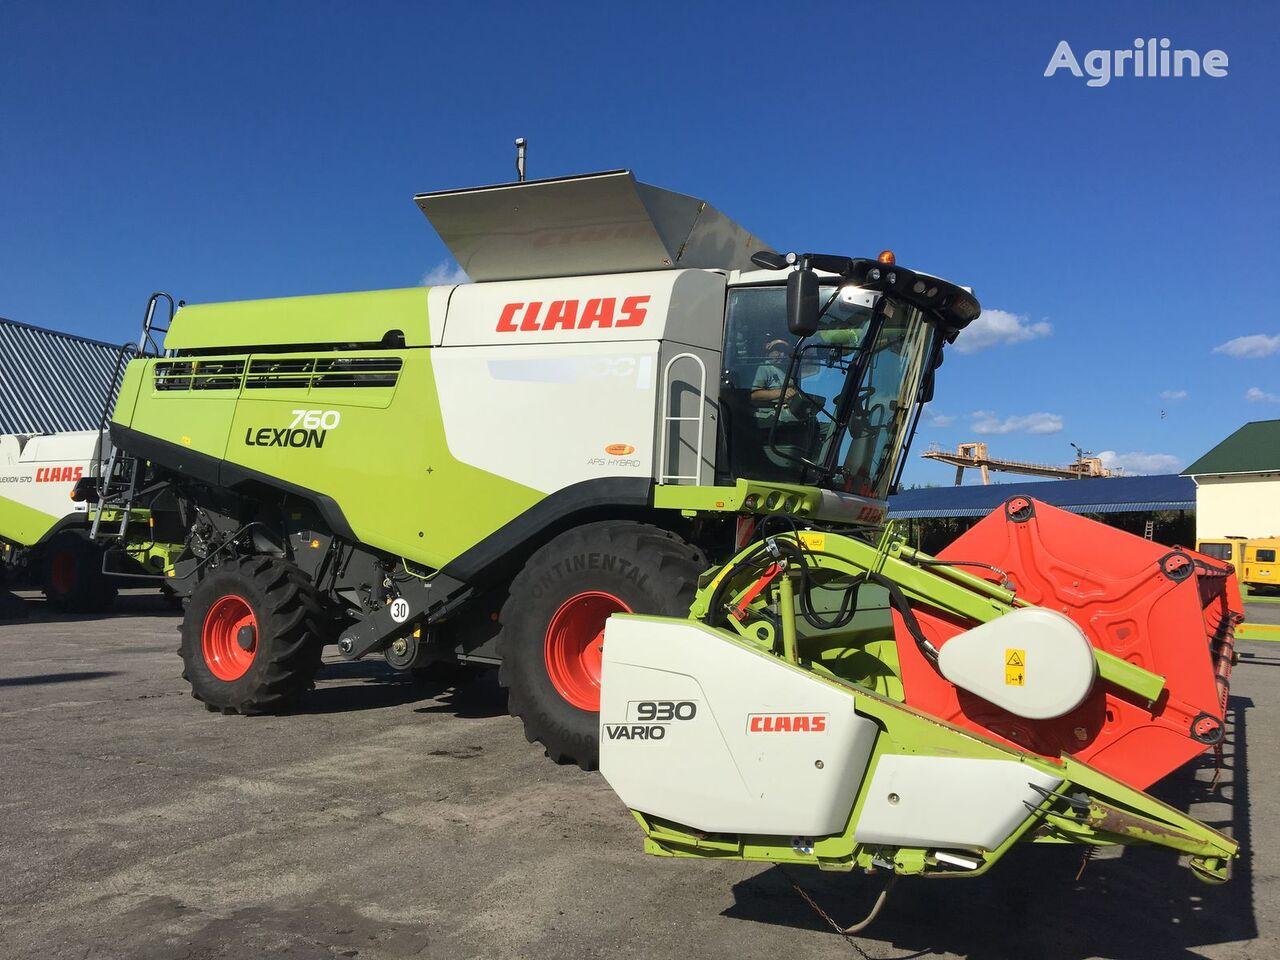 CLAAS Lexion 760 Z NIMEChChINI cosechadora